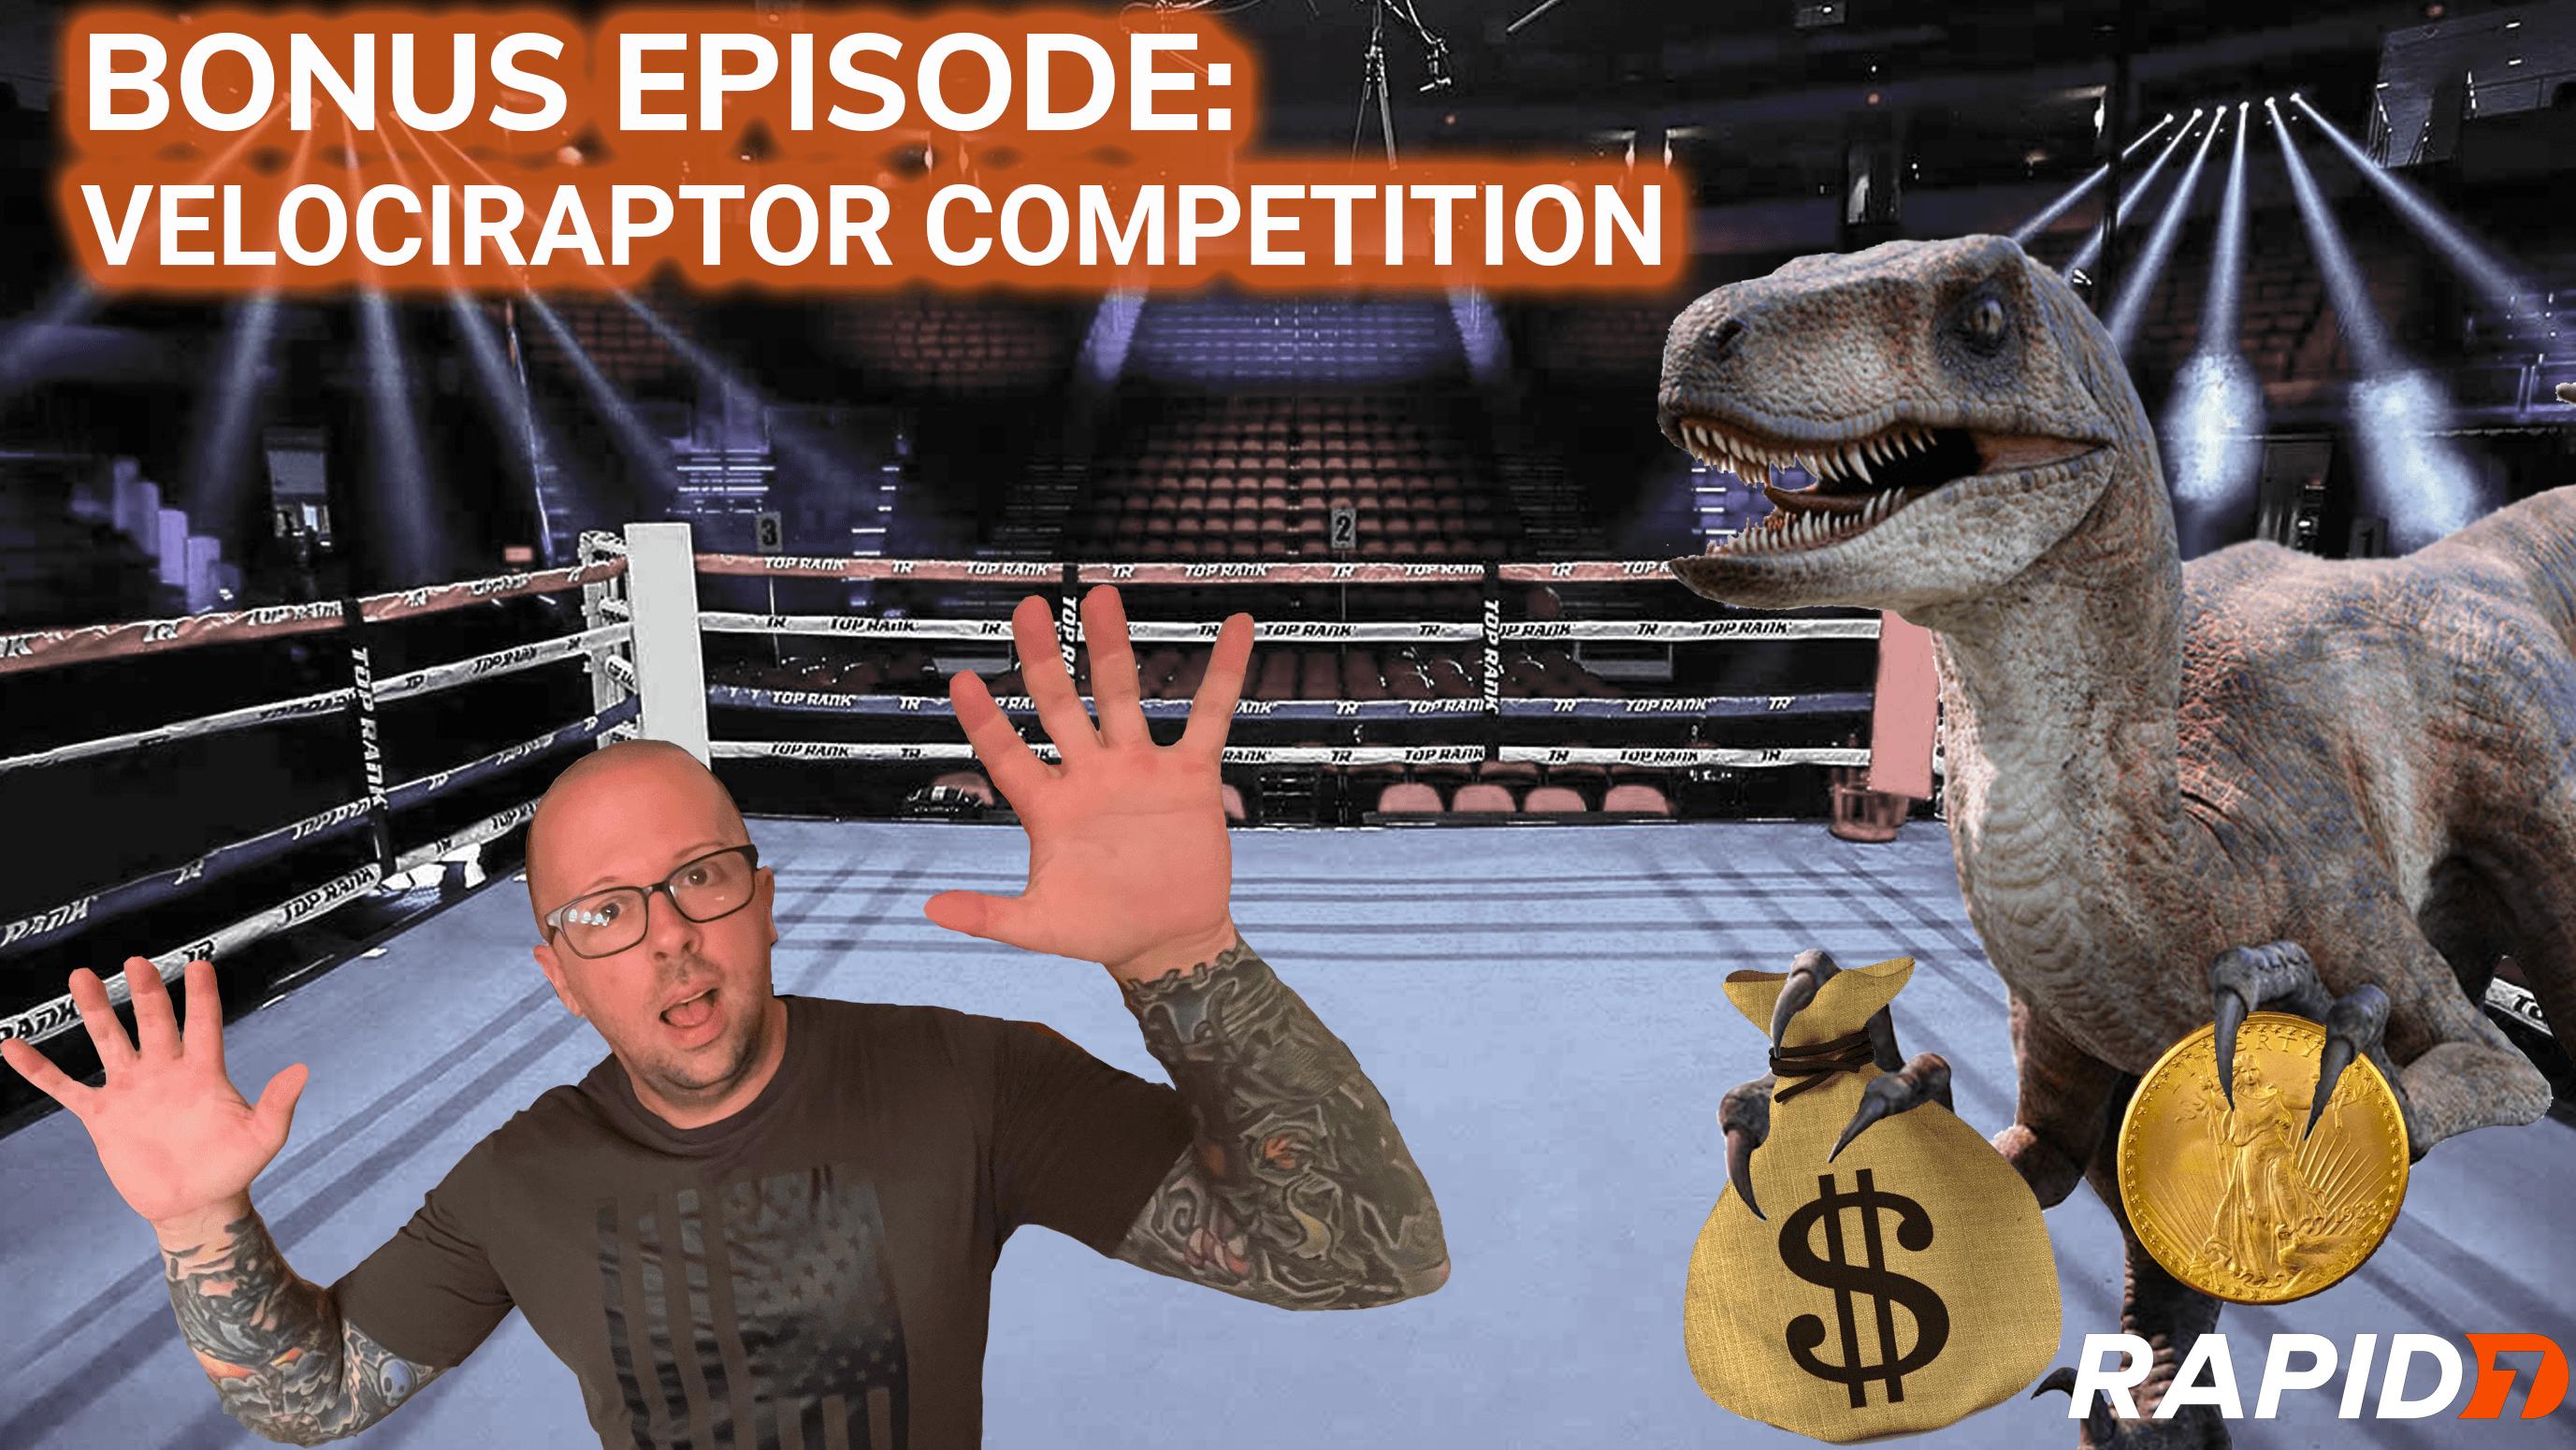 [The Lost Bots] Bonus Episode: Velociraptor Contributor Competition